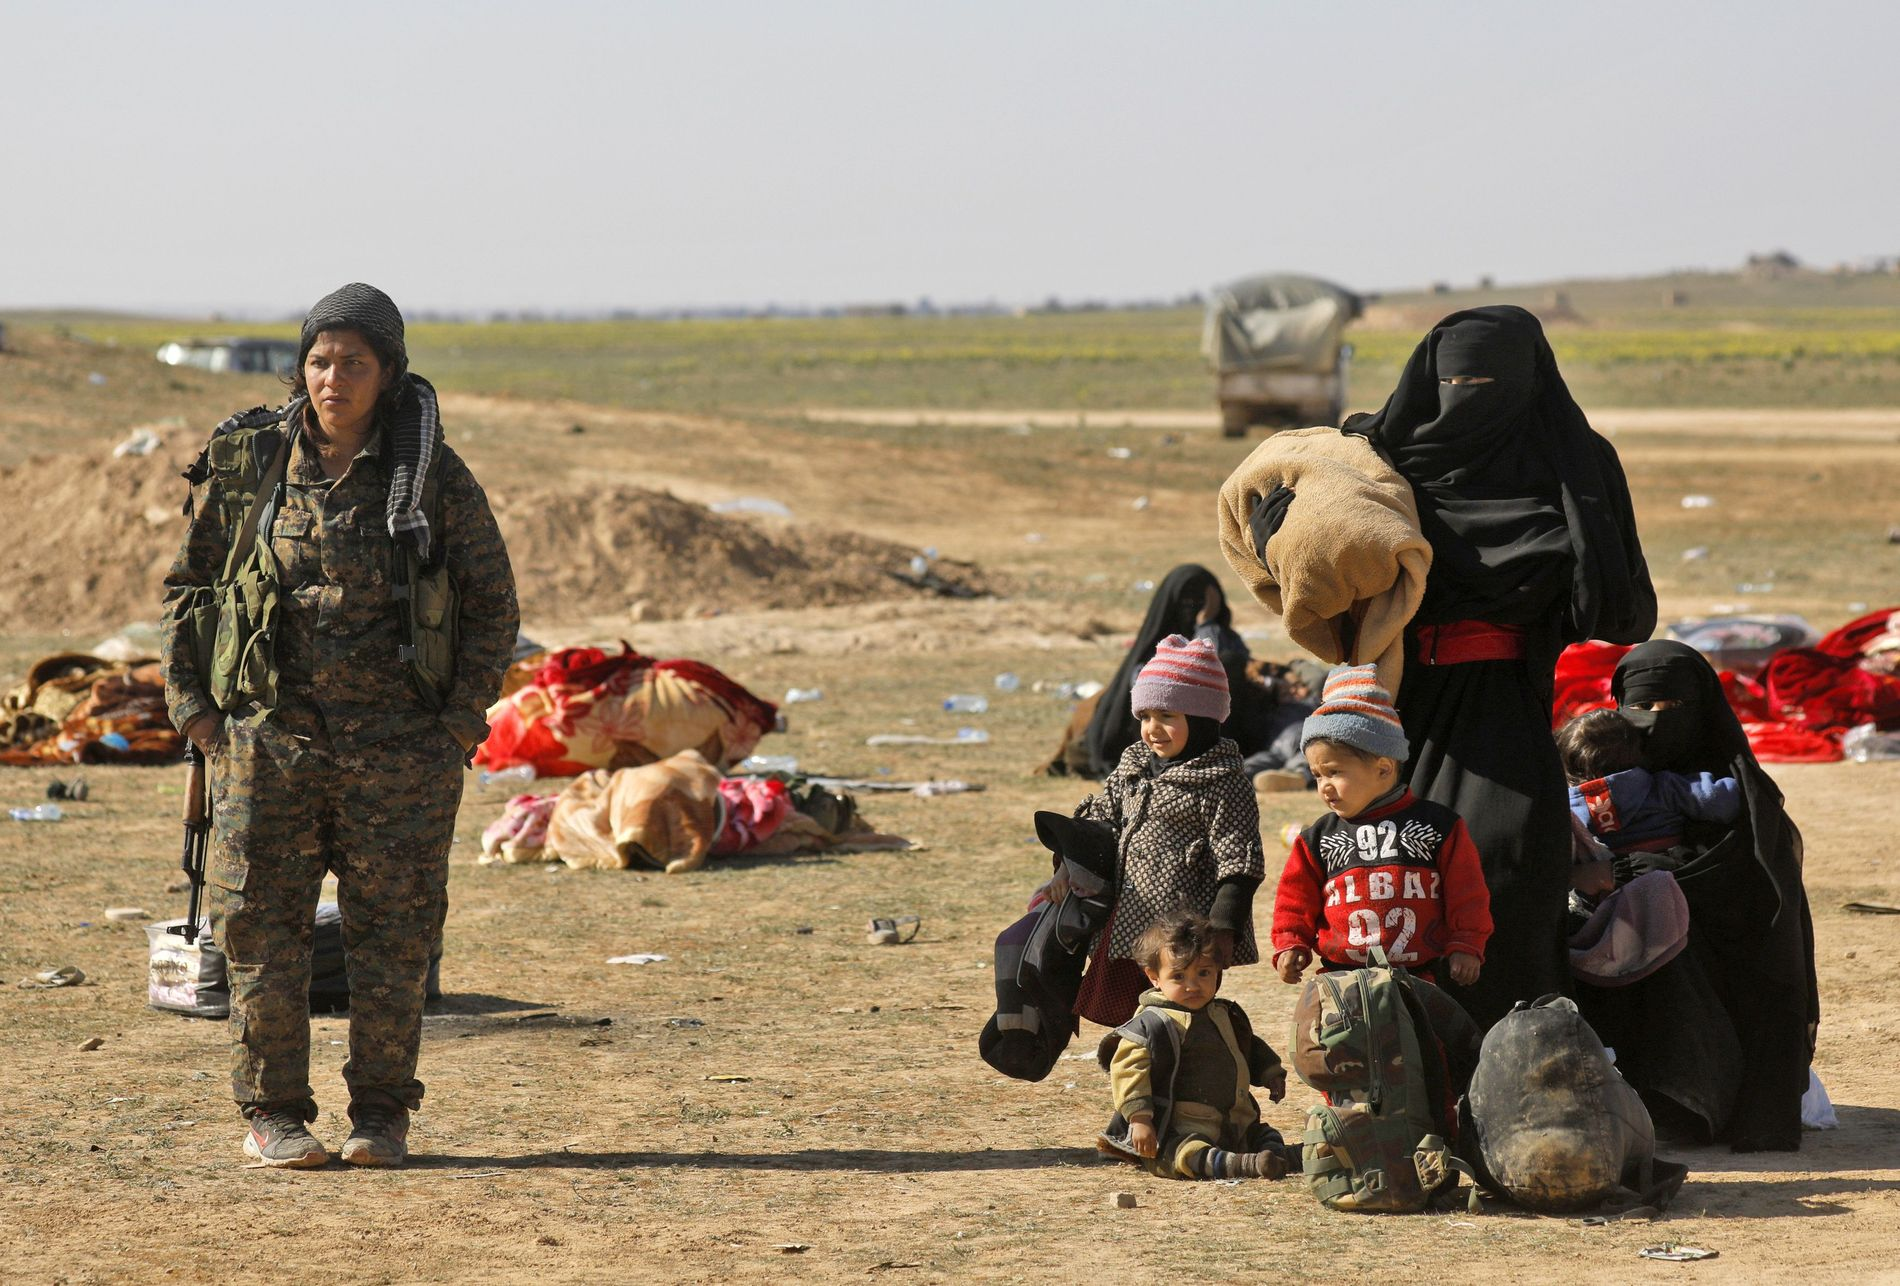 EVAKUERT: EN YPJ-kriger assisterer en kvinne og hennes barn kort tid etter at de er ute av Baghouz, som var IS sitt sitte tilholdssted i Syria. Bildet er tatt i februar.